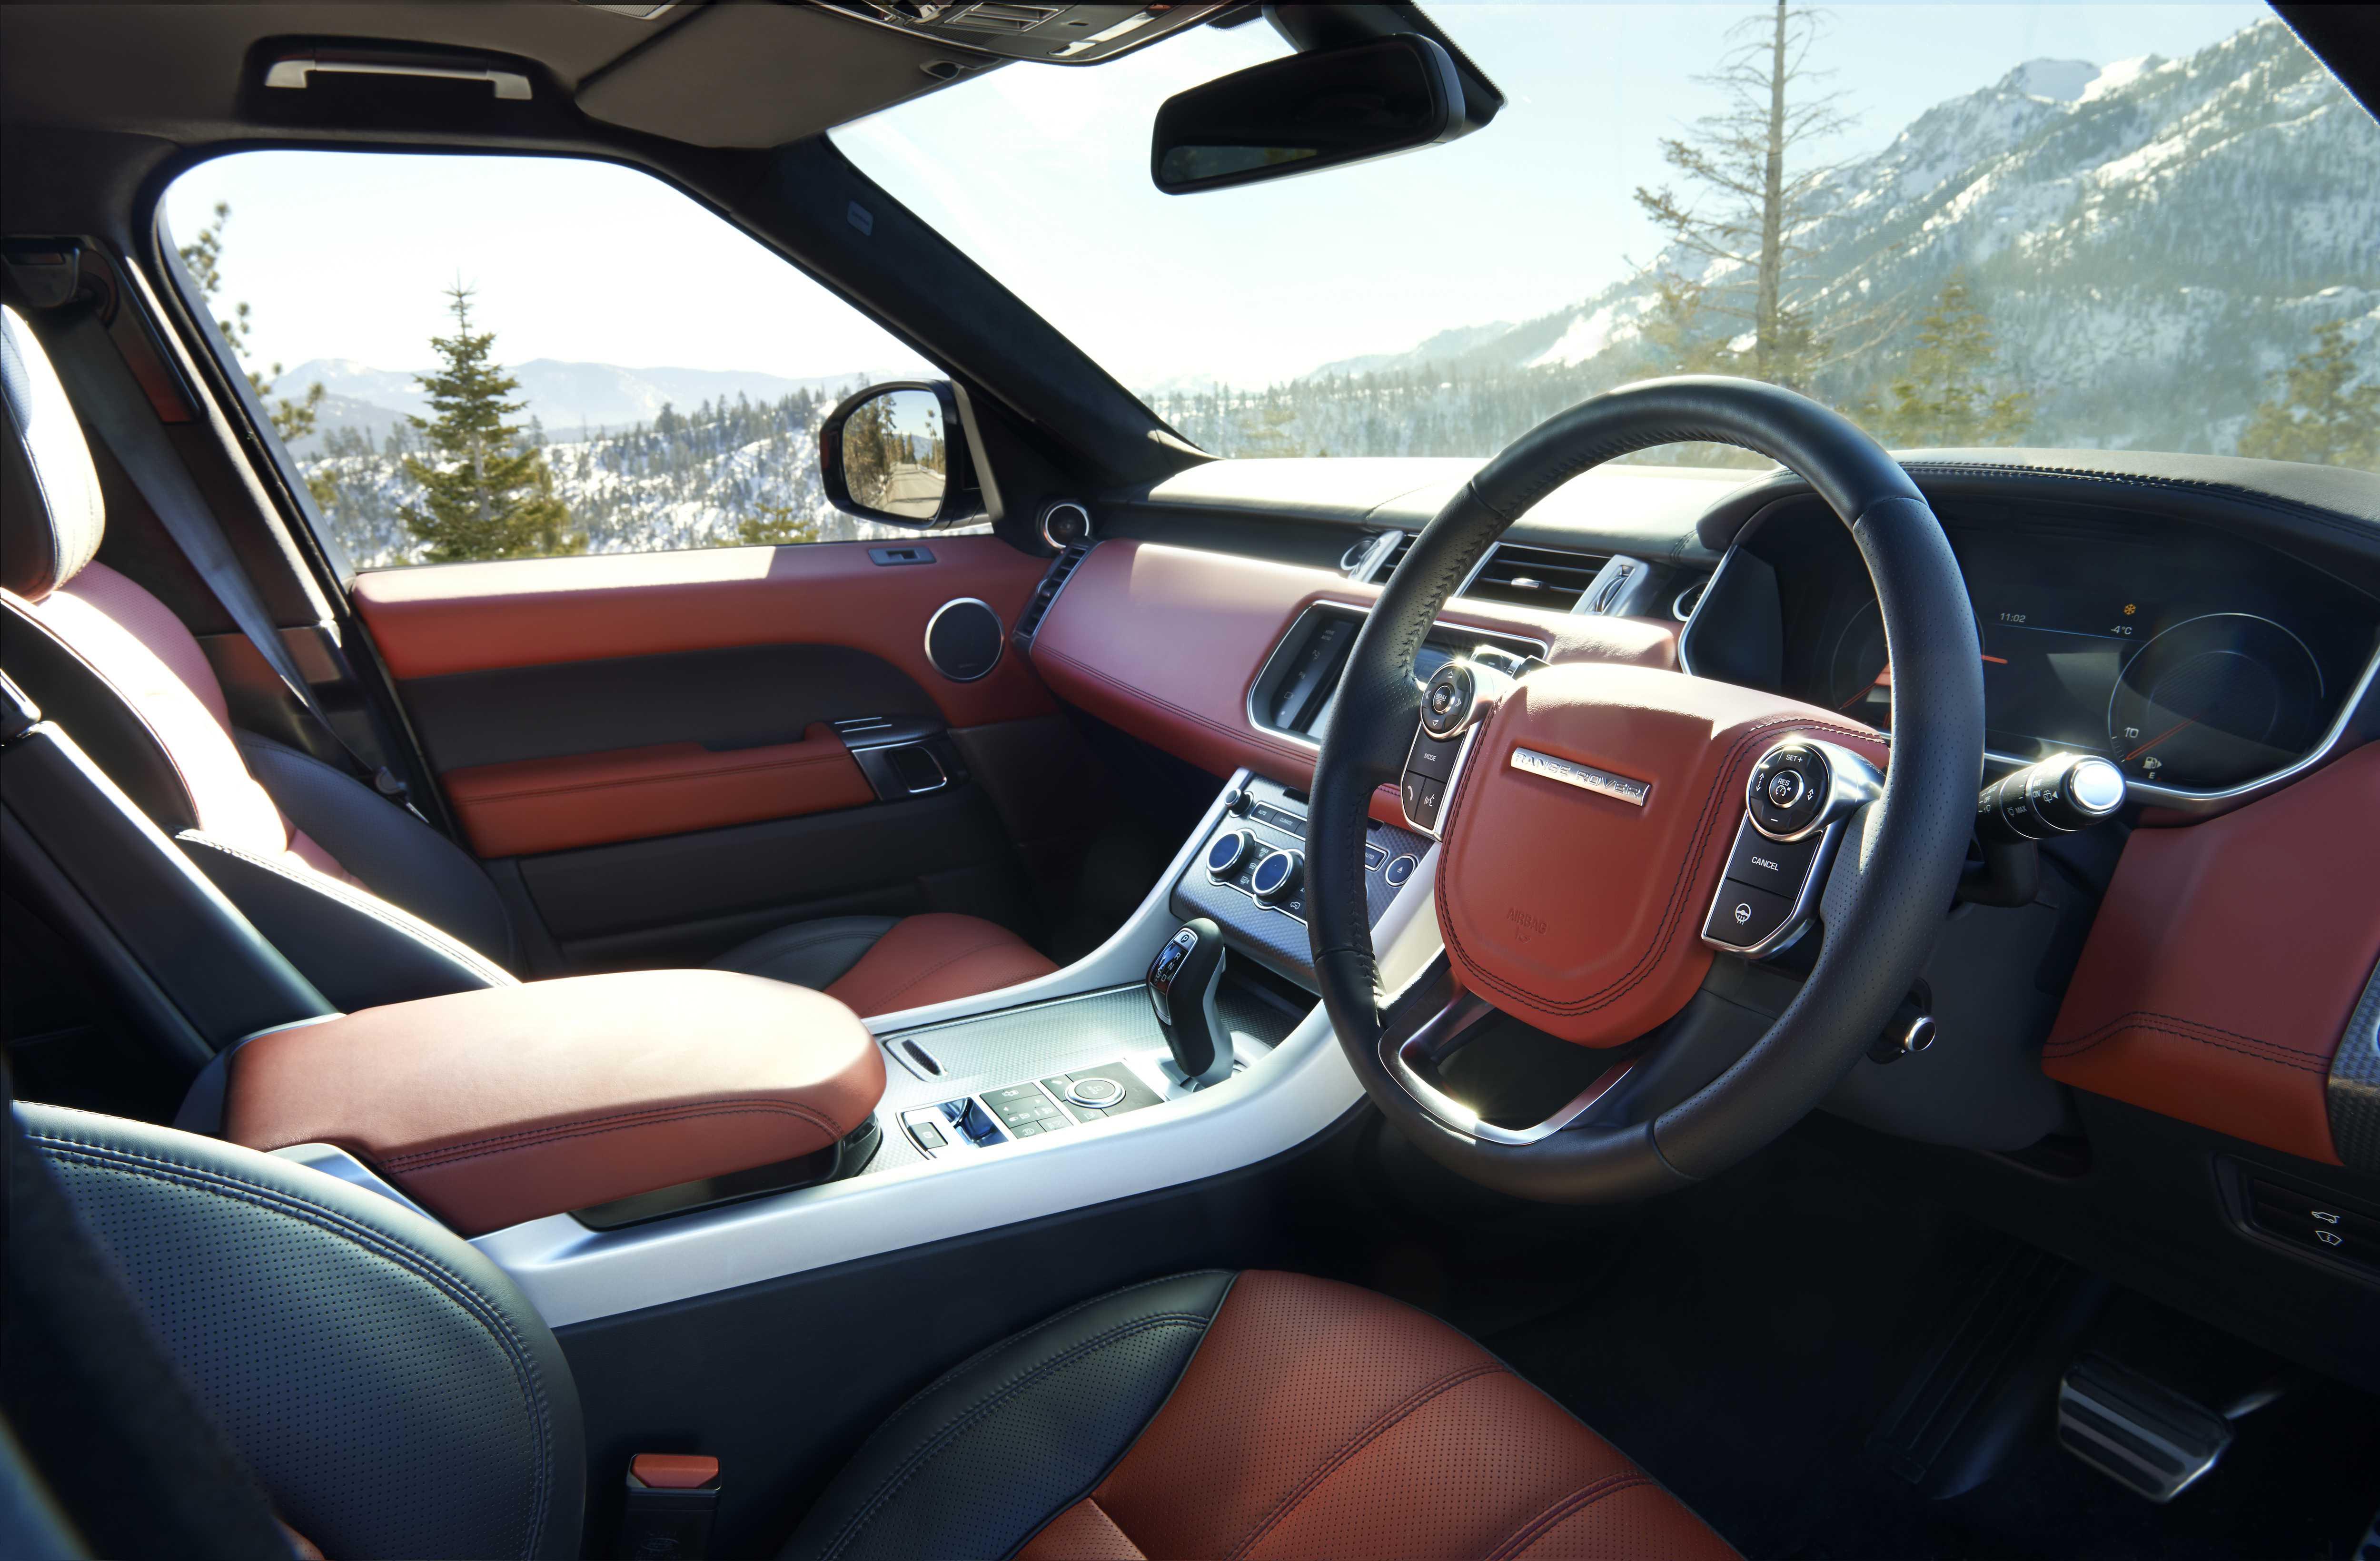 https://s.car.info/image_files/full/land-rover-range-rover-sport-interior-0-213303.jpg